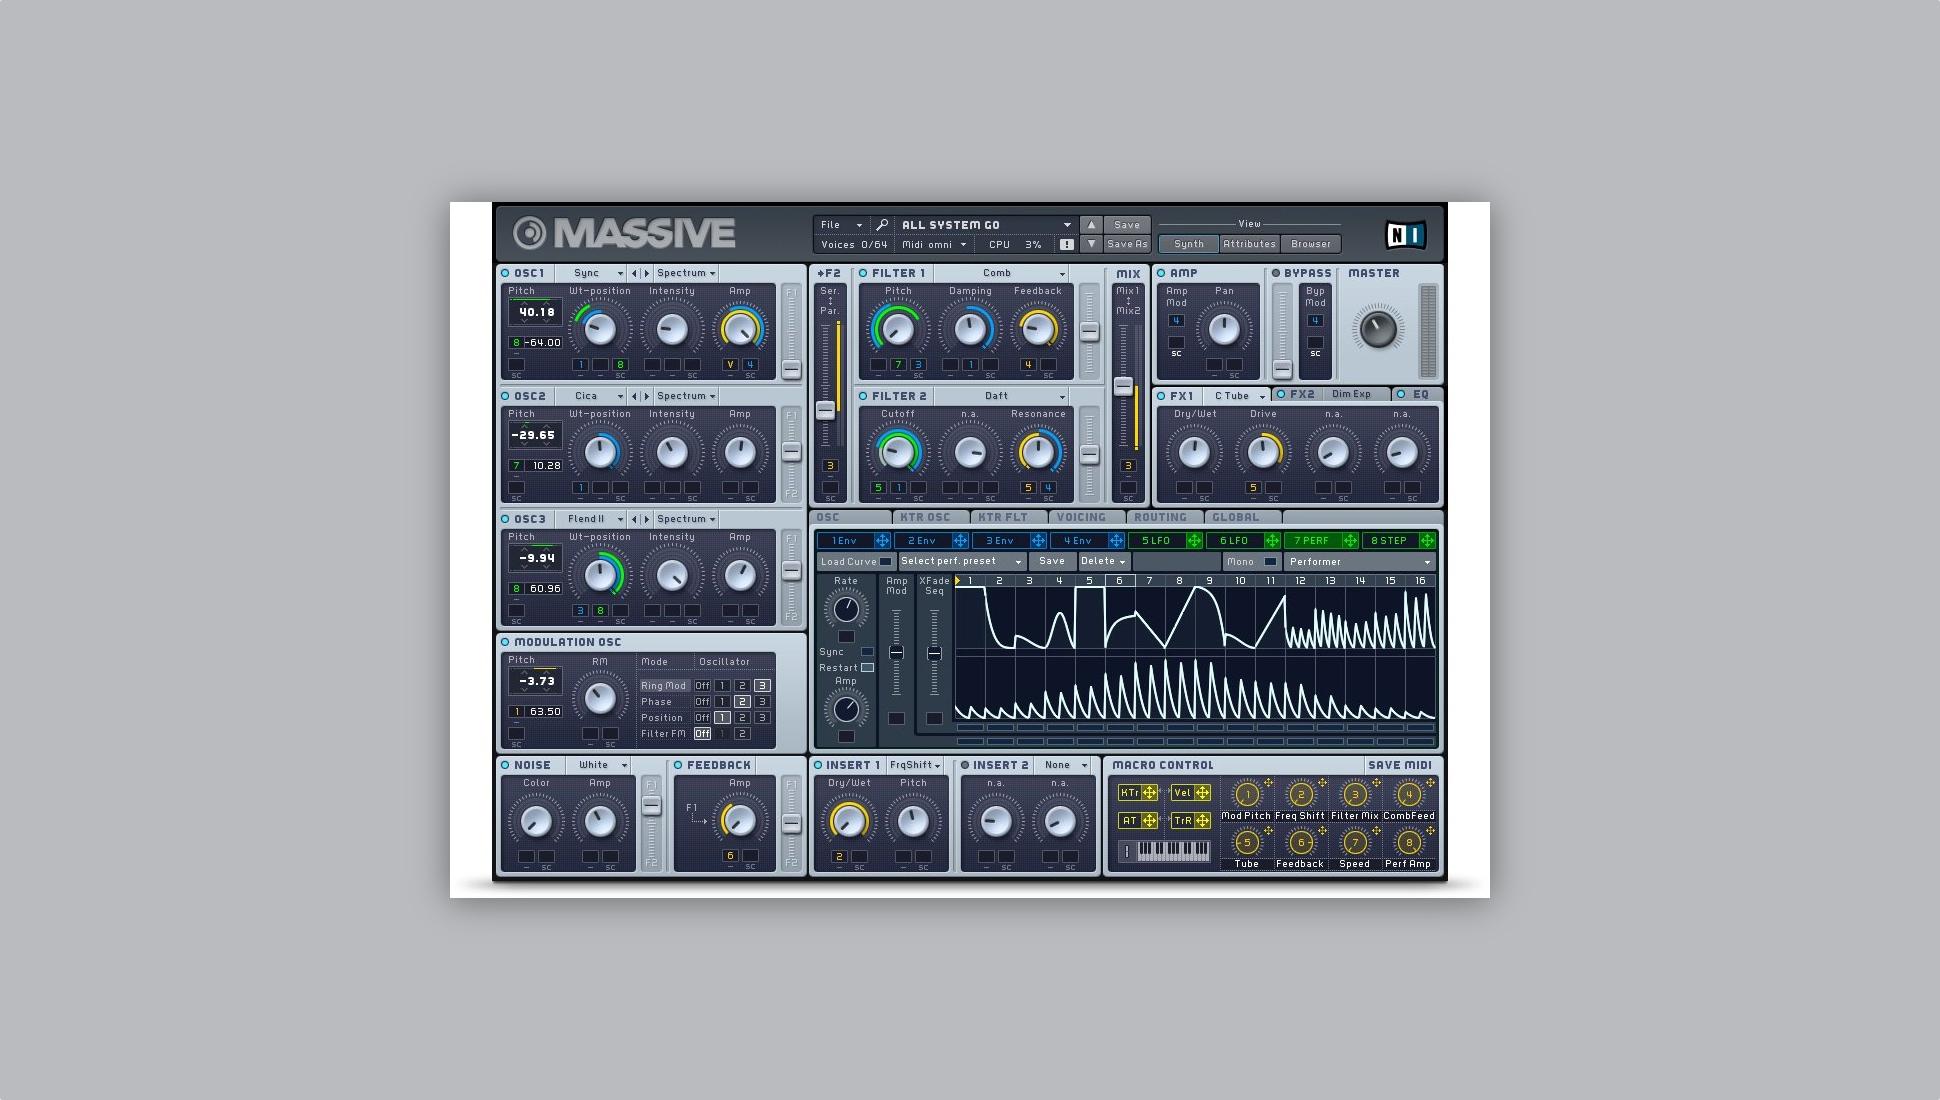 Massive 2 vst download   Massive Vst  2019-01-22